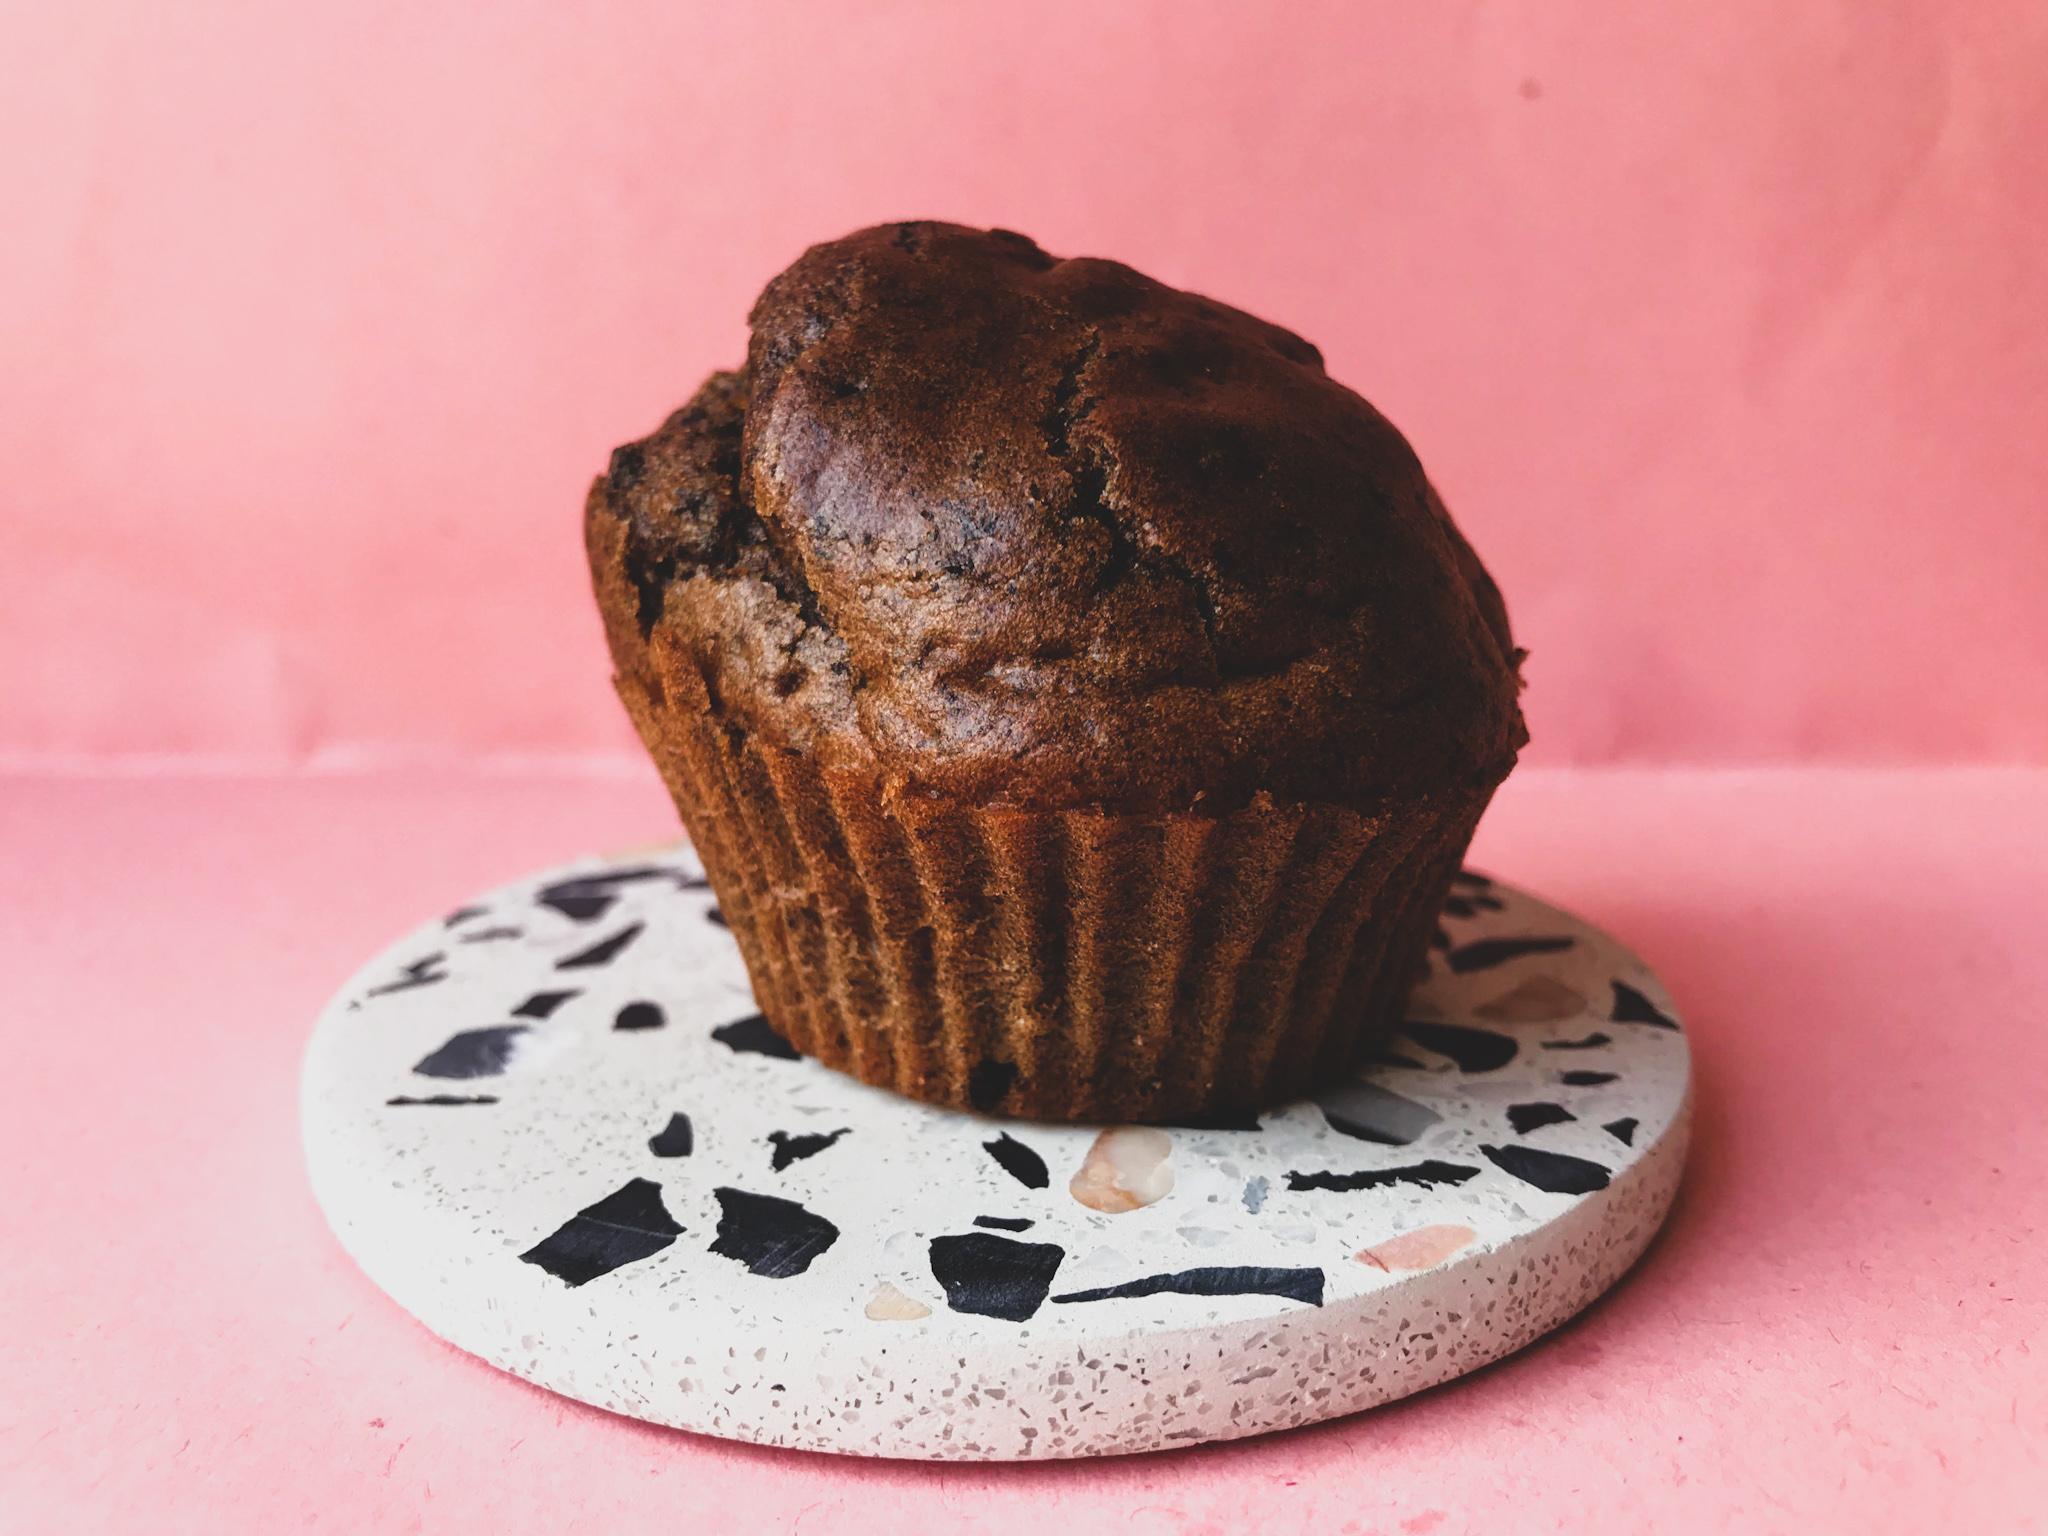 Presentación de la receta de Oreo muffin